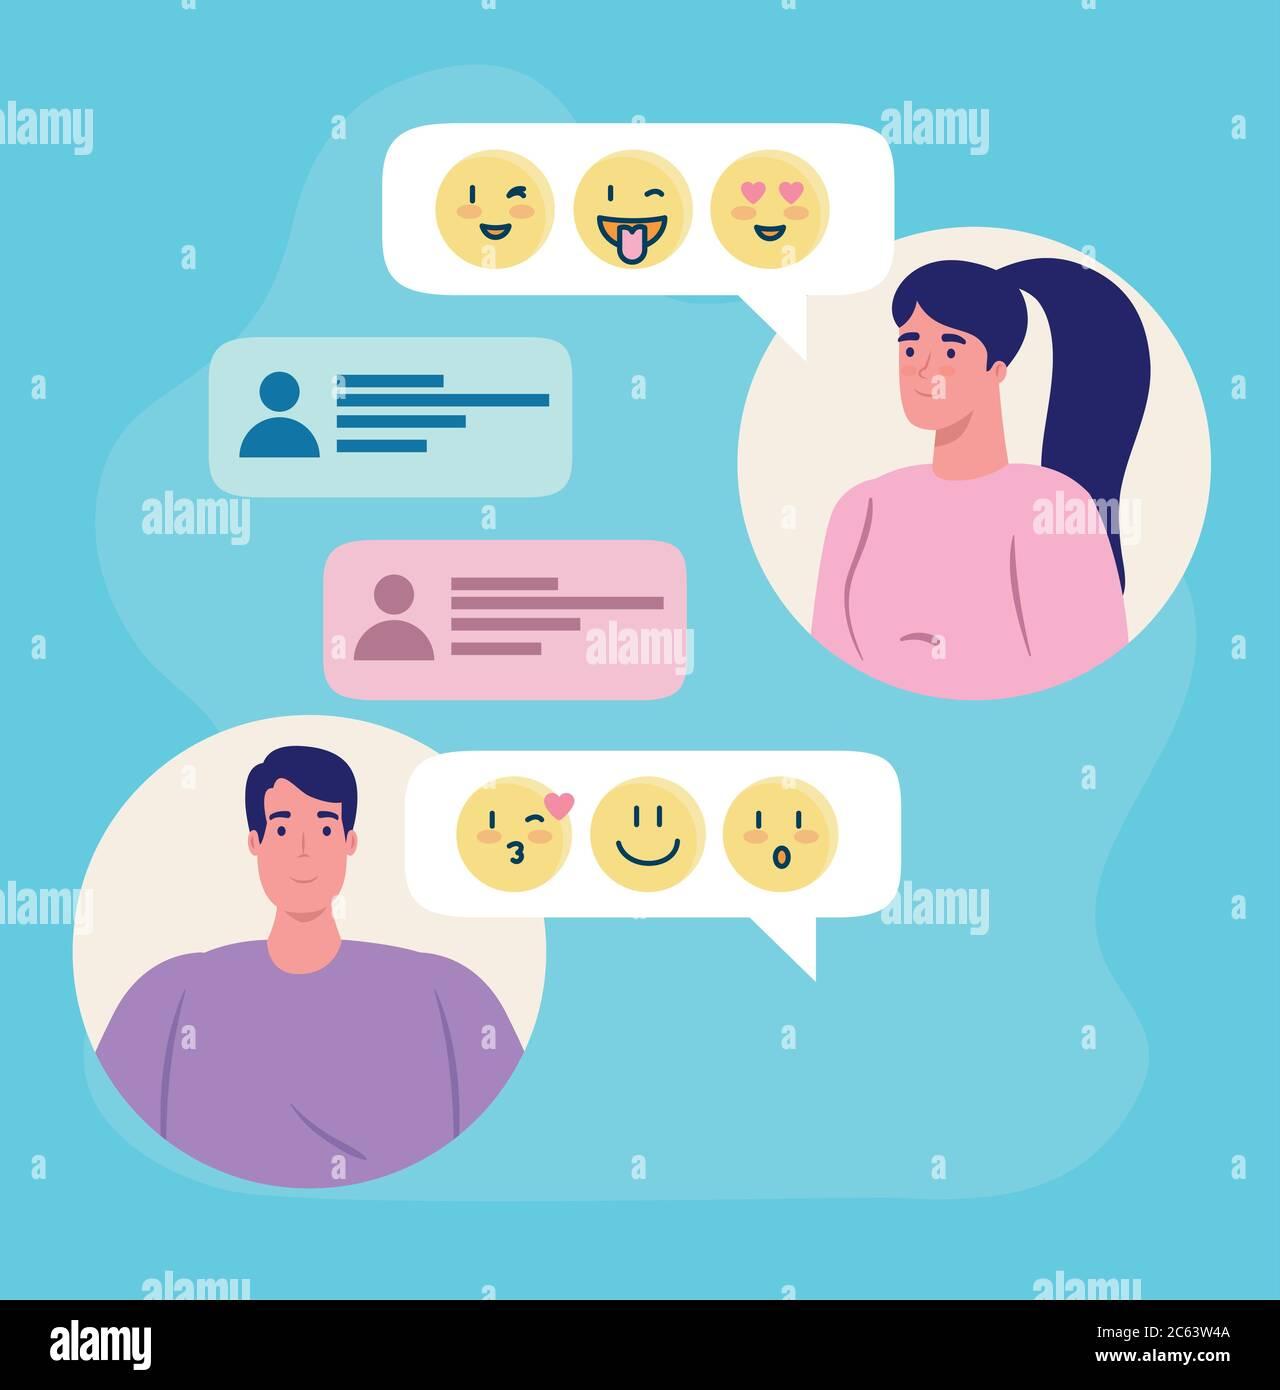 Online-Dating Service Anwendung, Chat von Frau und Mann mit emojis, moderne Menschen auf der Suche nach Paar, Social Media, virtuelle Beziehung Stock Vektor